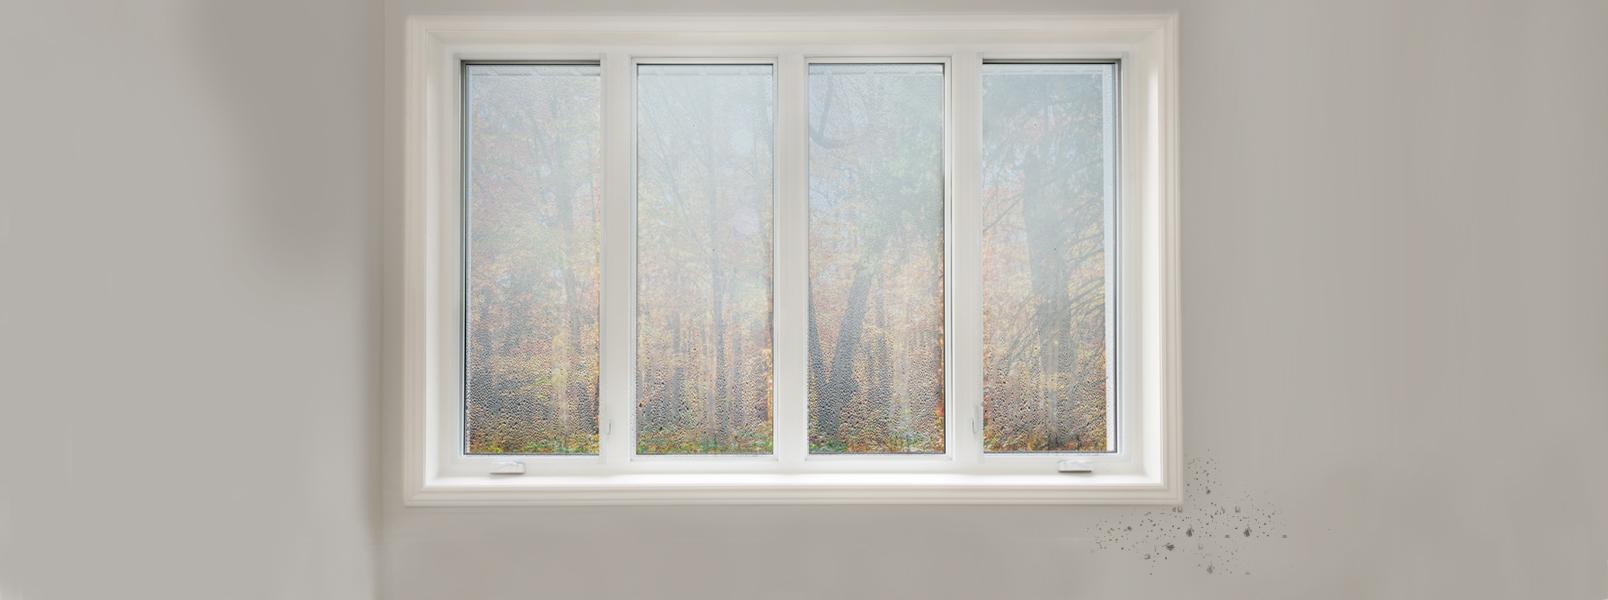 7 problèmes de fenêtres fréquents et façons d'y remédier